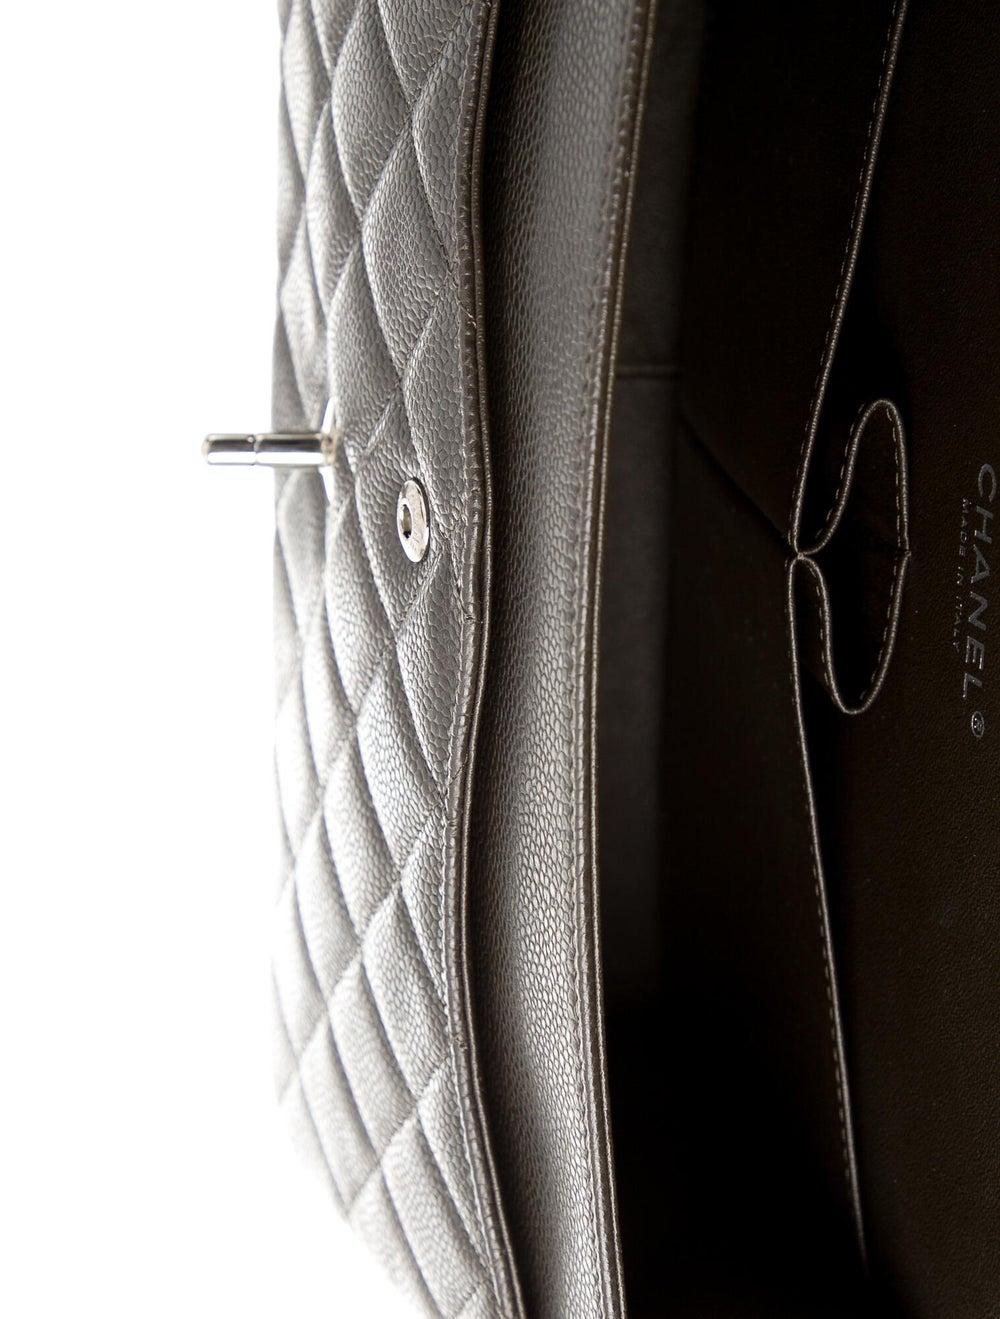 Chanel Classic Jumbo Double Flap Bag Brown - image 5